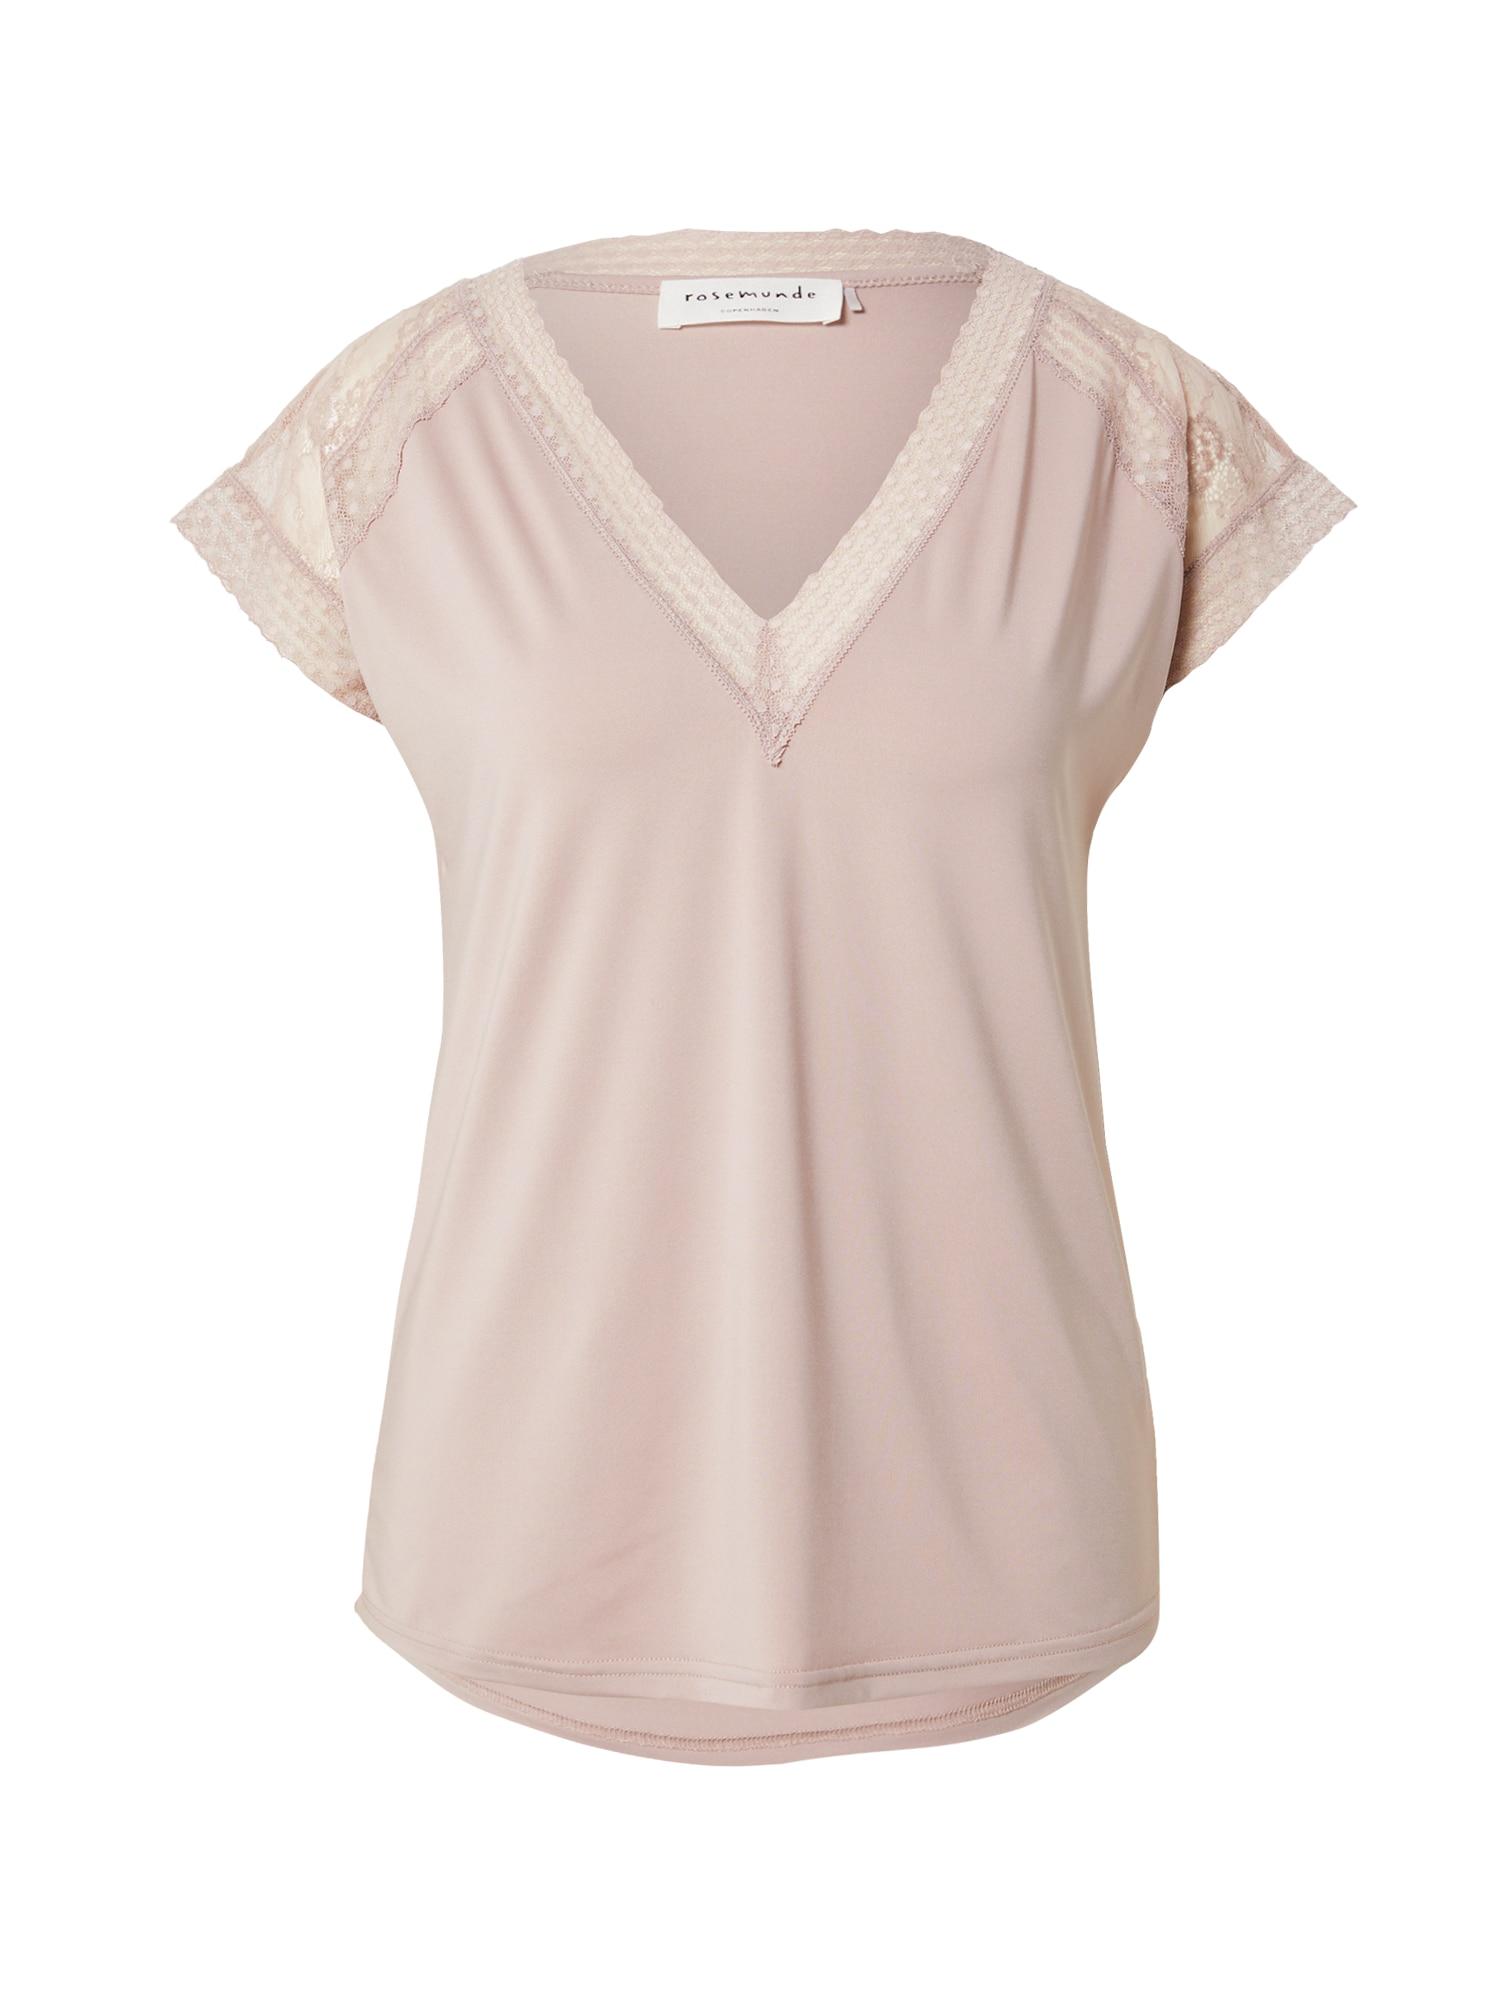 rosemunde Marškinėliai pastelinė rožinė